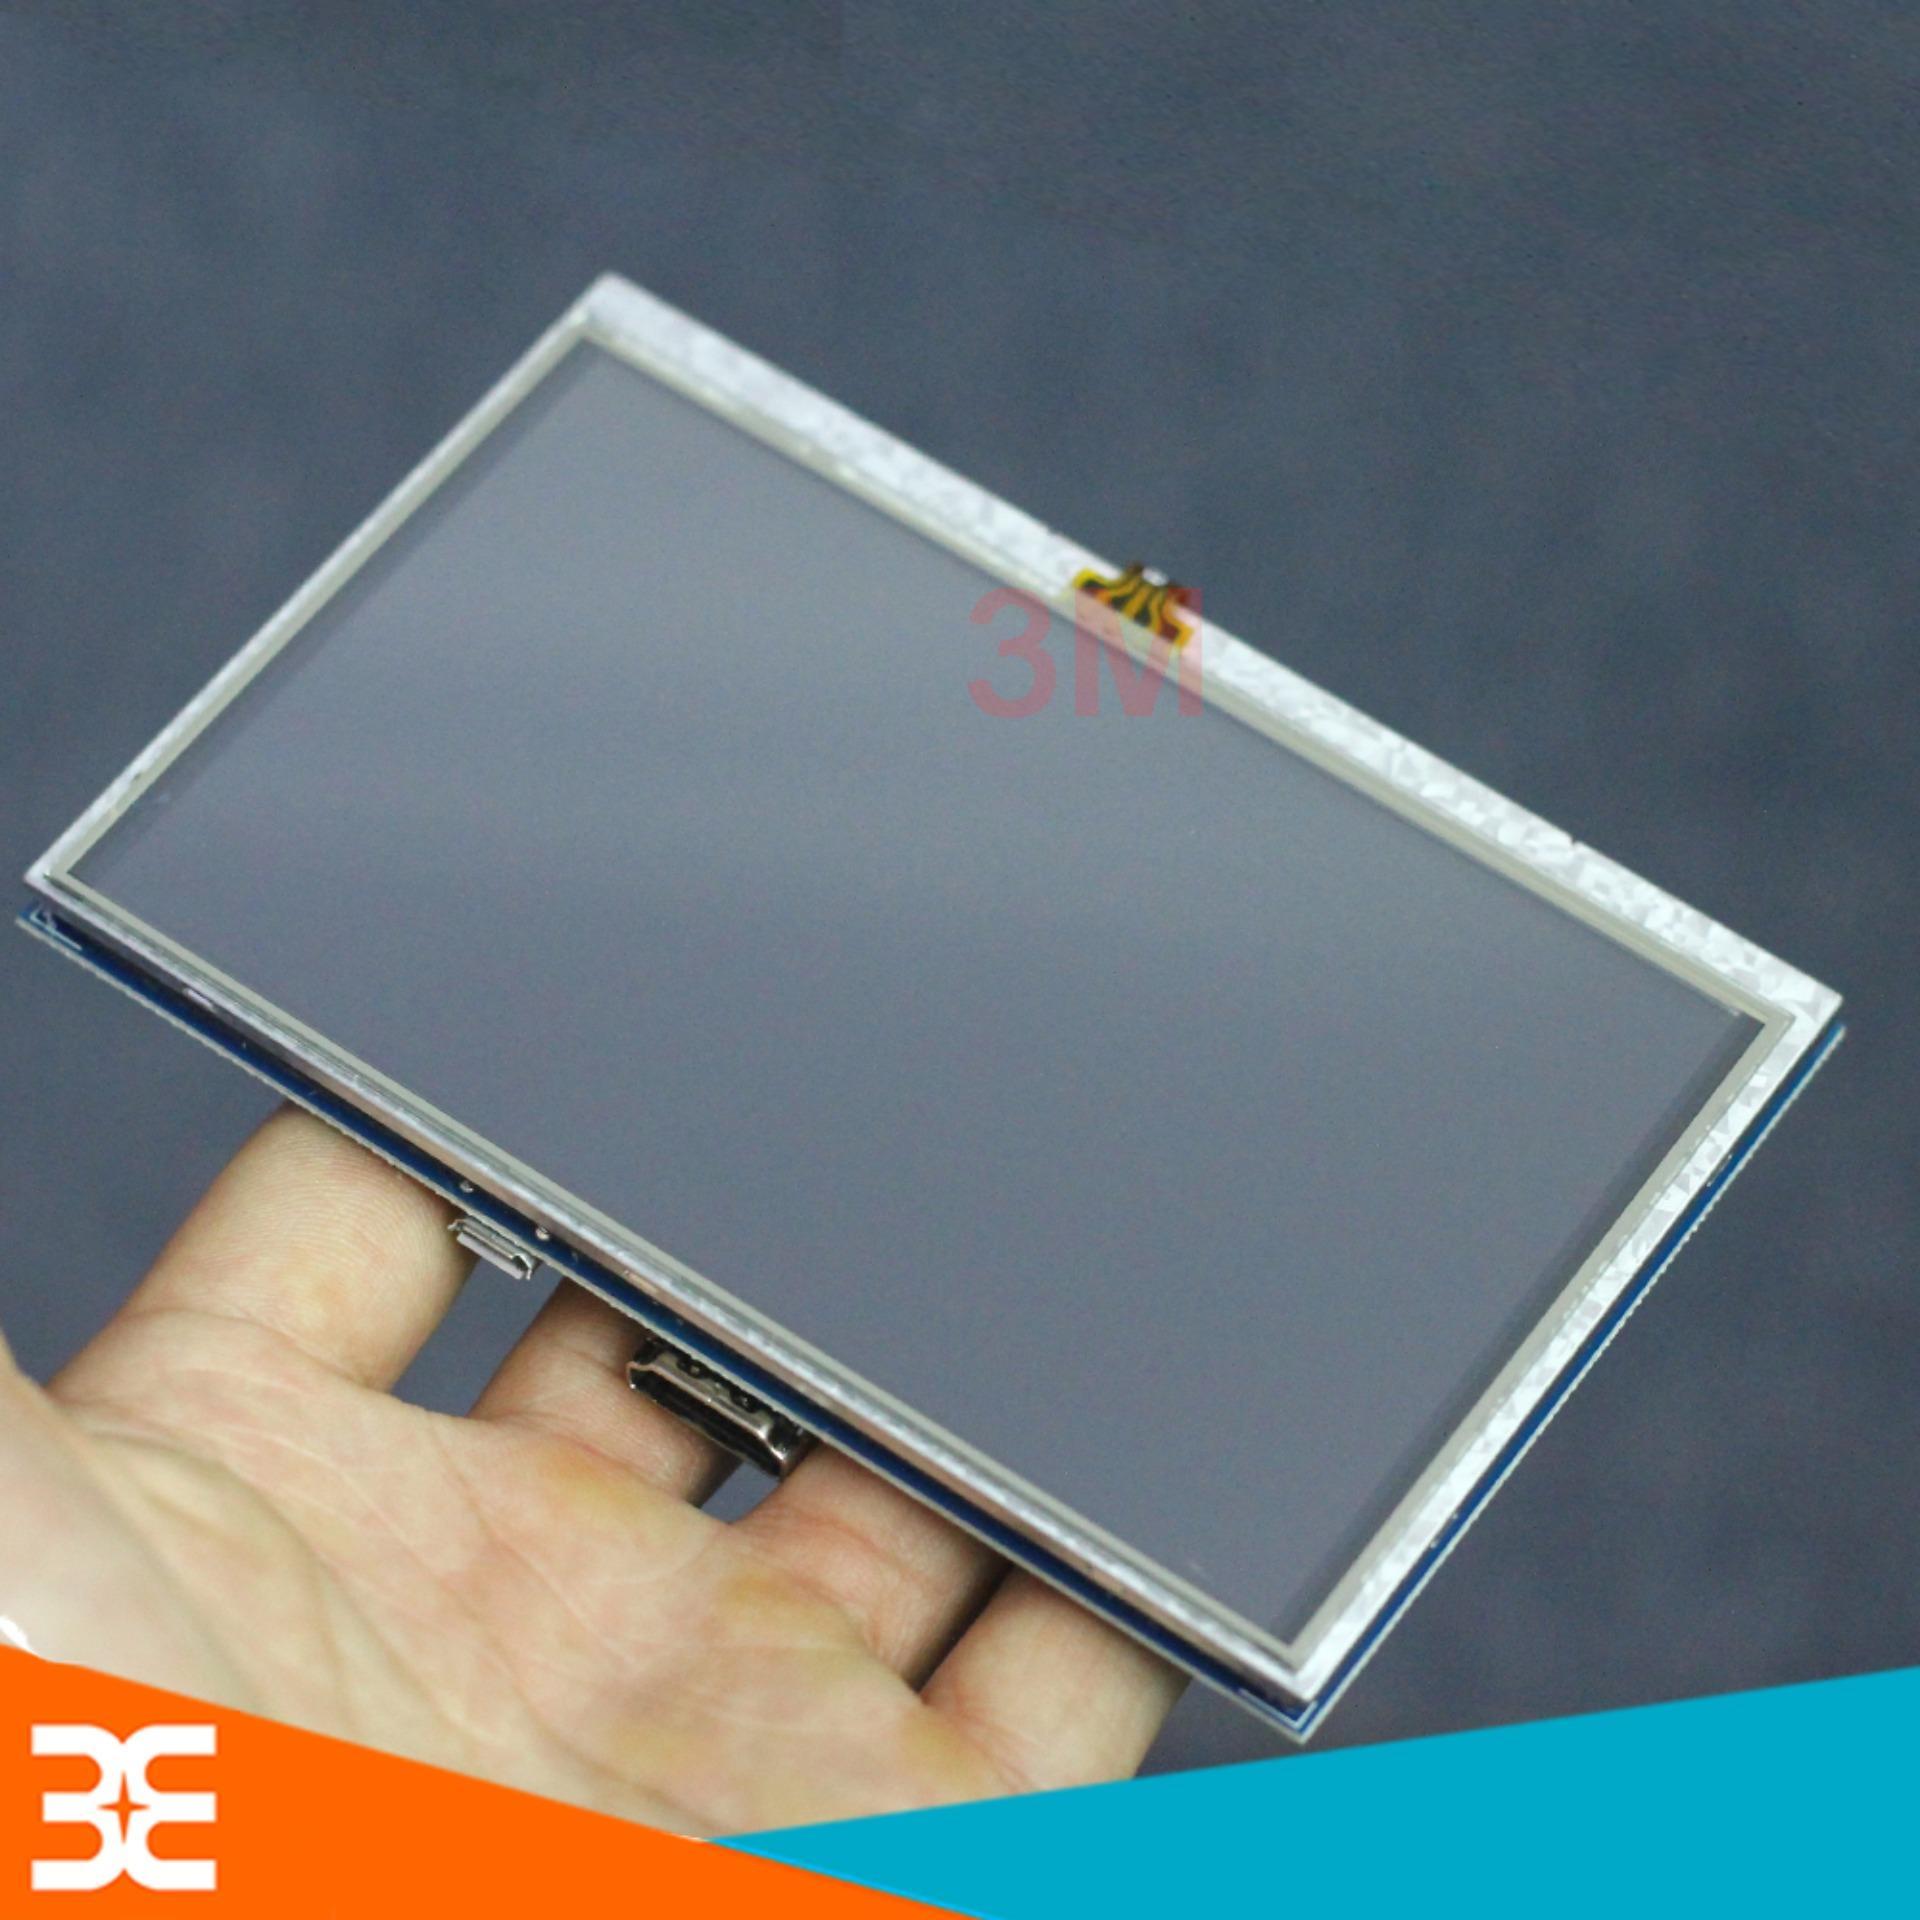 Hình ảnh Màn Hình Raspberry 5Inch 800x480 Cảm Ứng Điện Dung ( Tặng Bút Cảm Ứng )